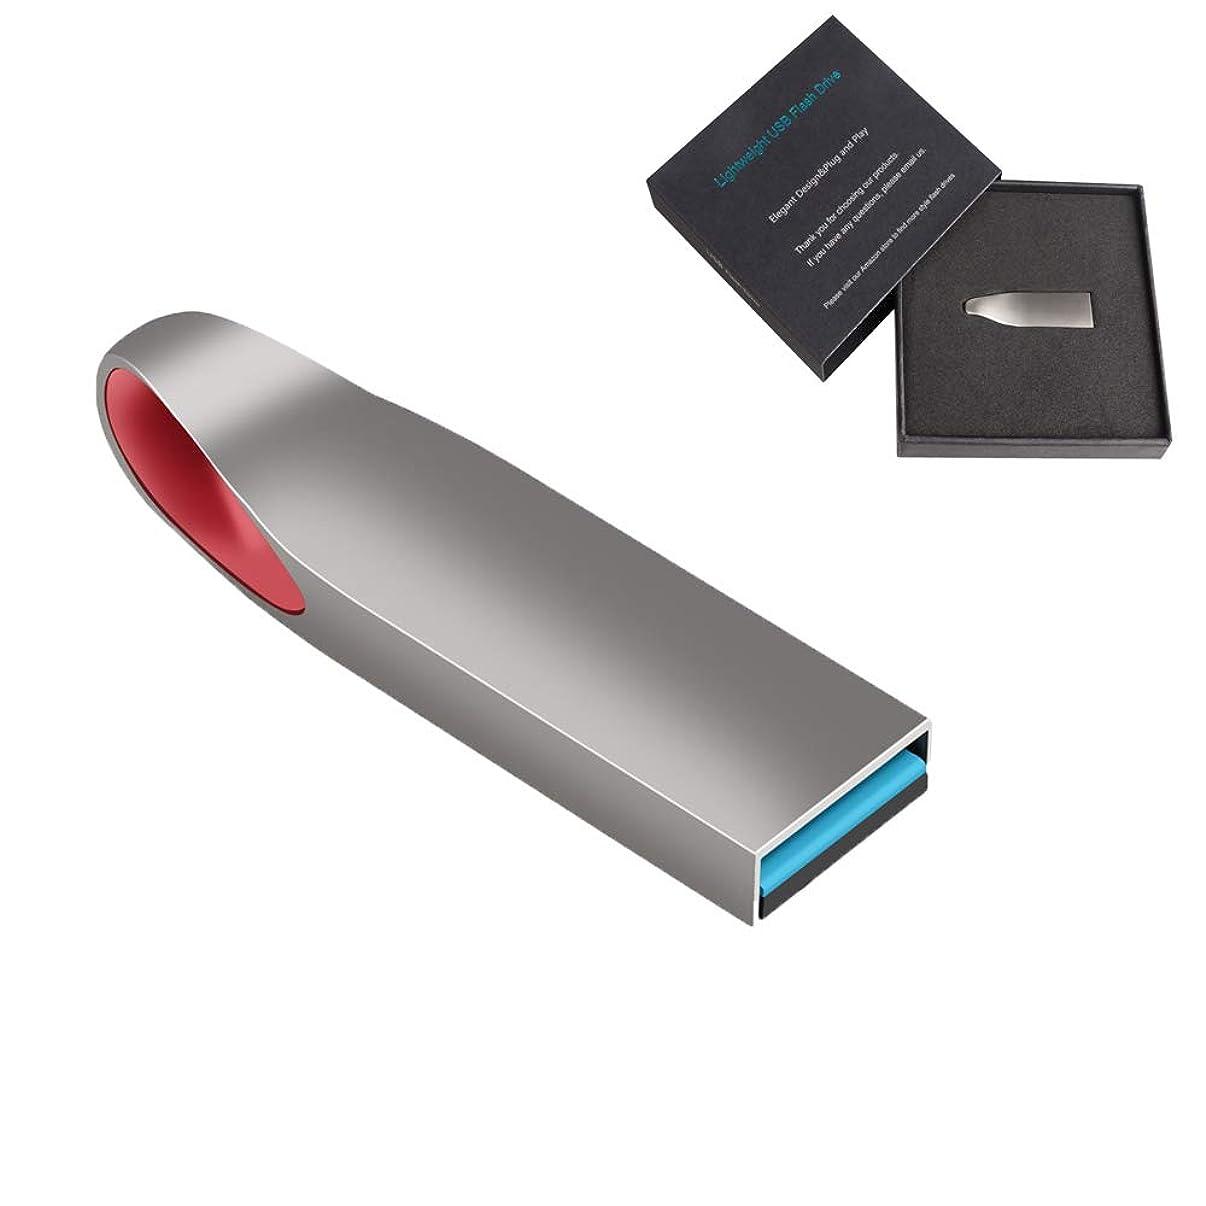 256GB USB 3.0 Flash Drive, Aretop High Speed Mental Thumb Drive 256GB Pen Drive Capless 256GB USB Memory Stick Jump Drive USB Sticks for Computers 3.0